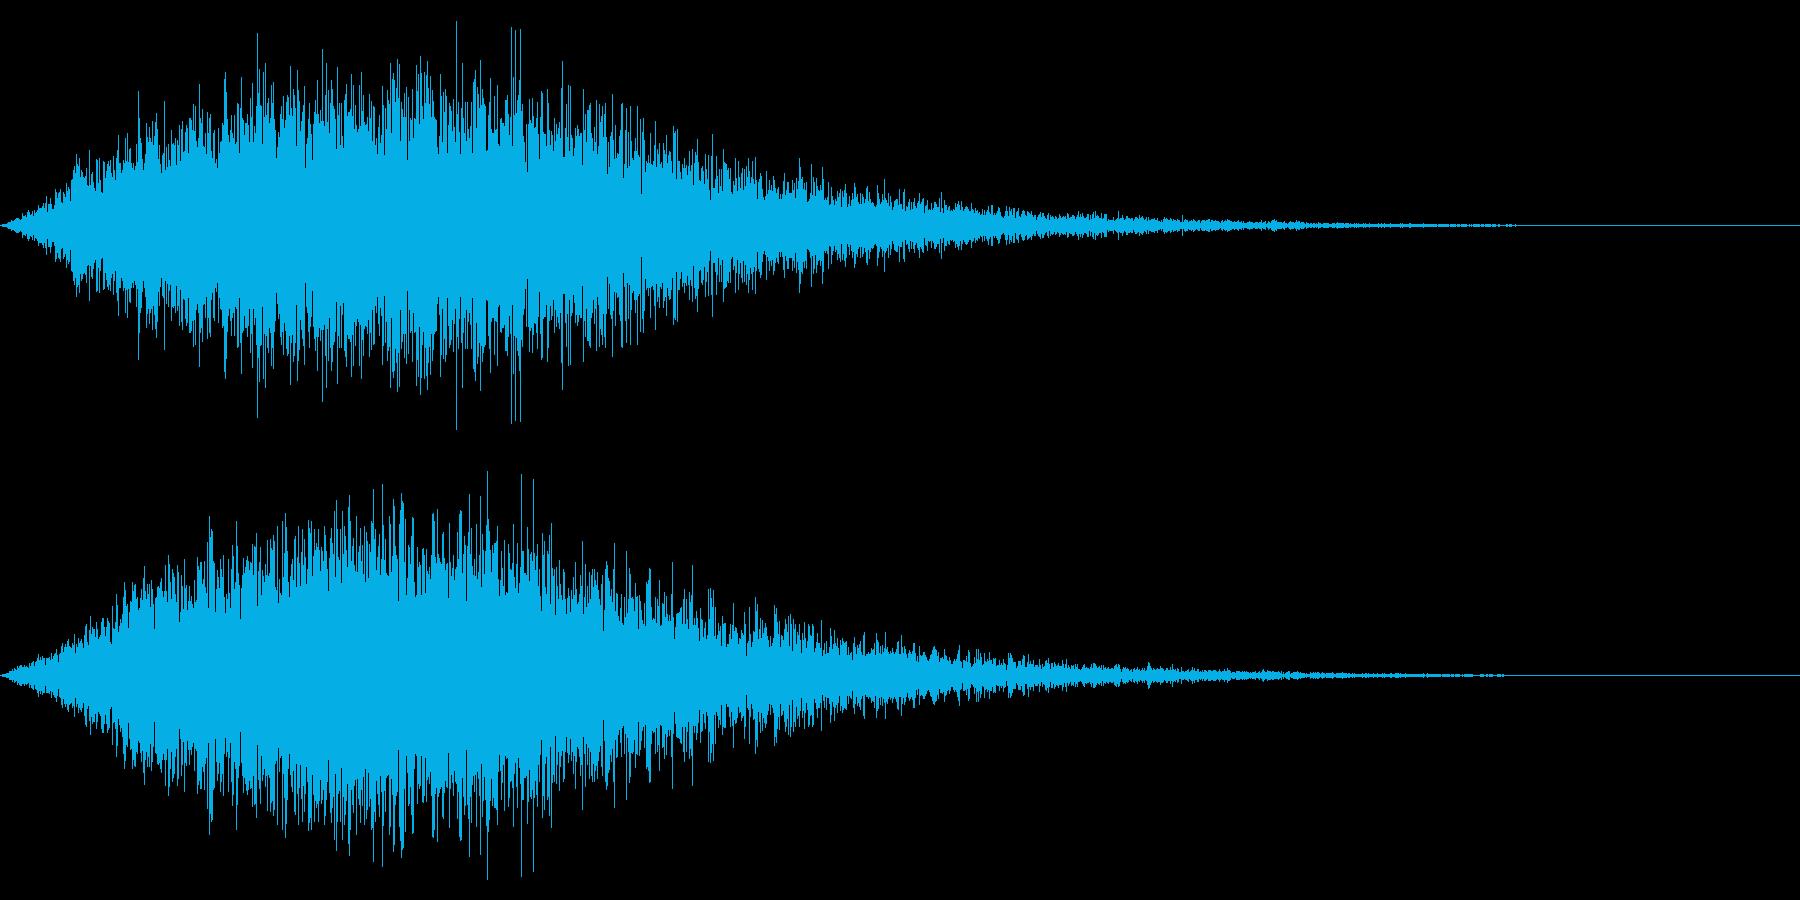 ホラー雰囲気の音の再生済みの波形